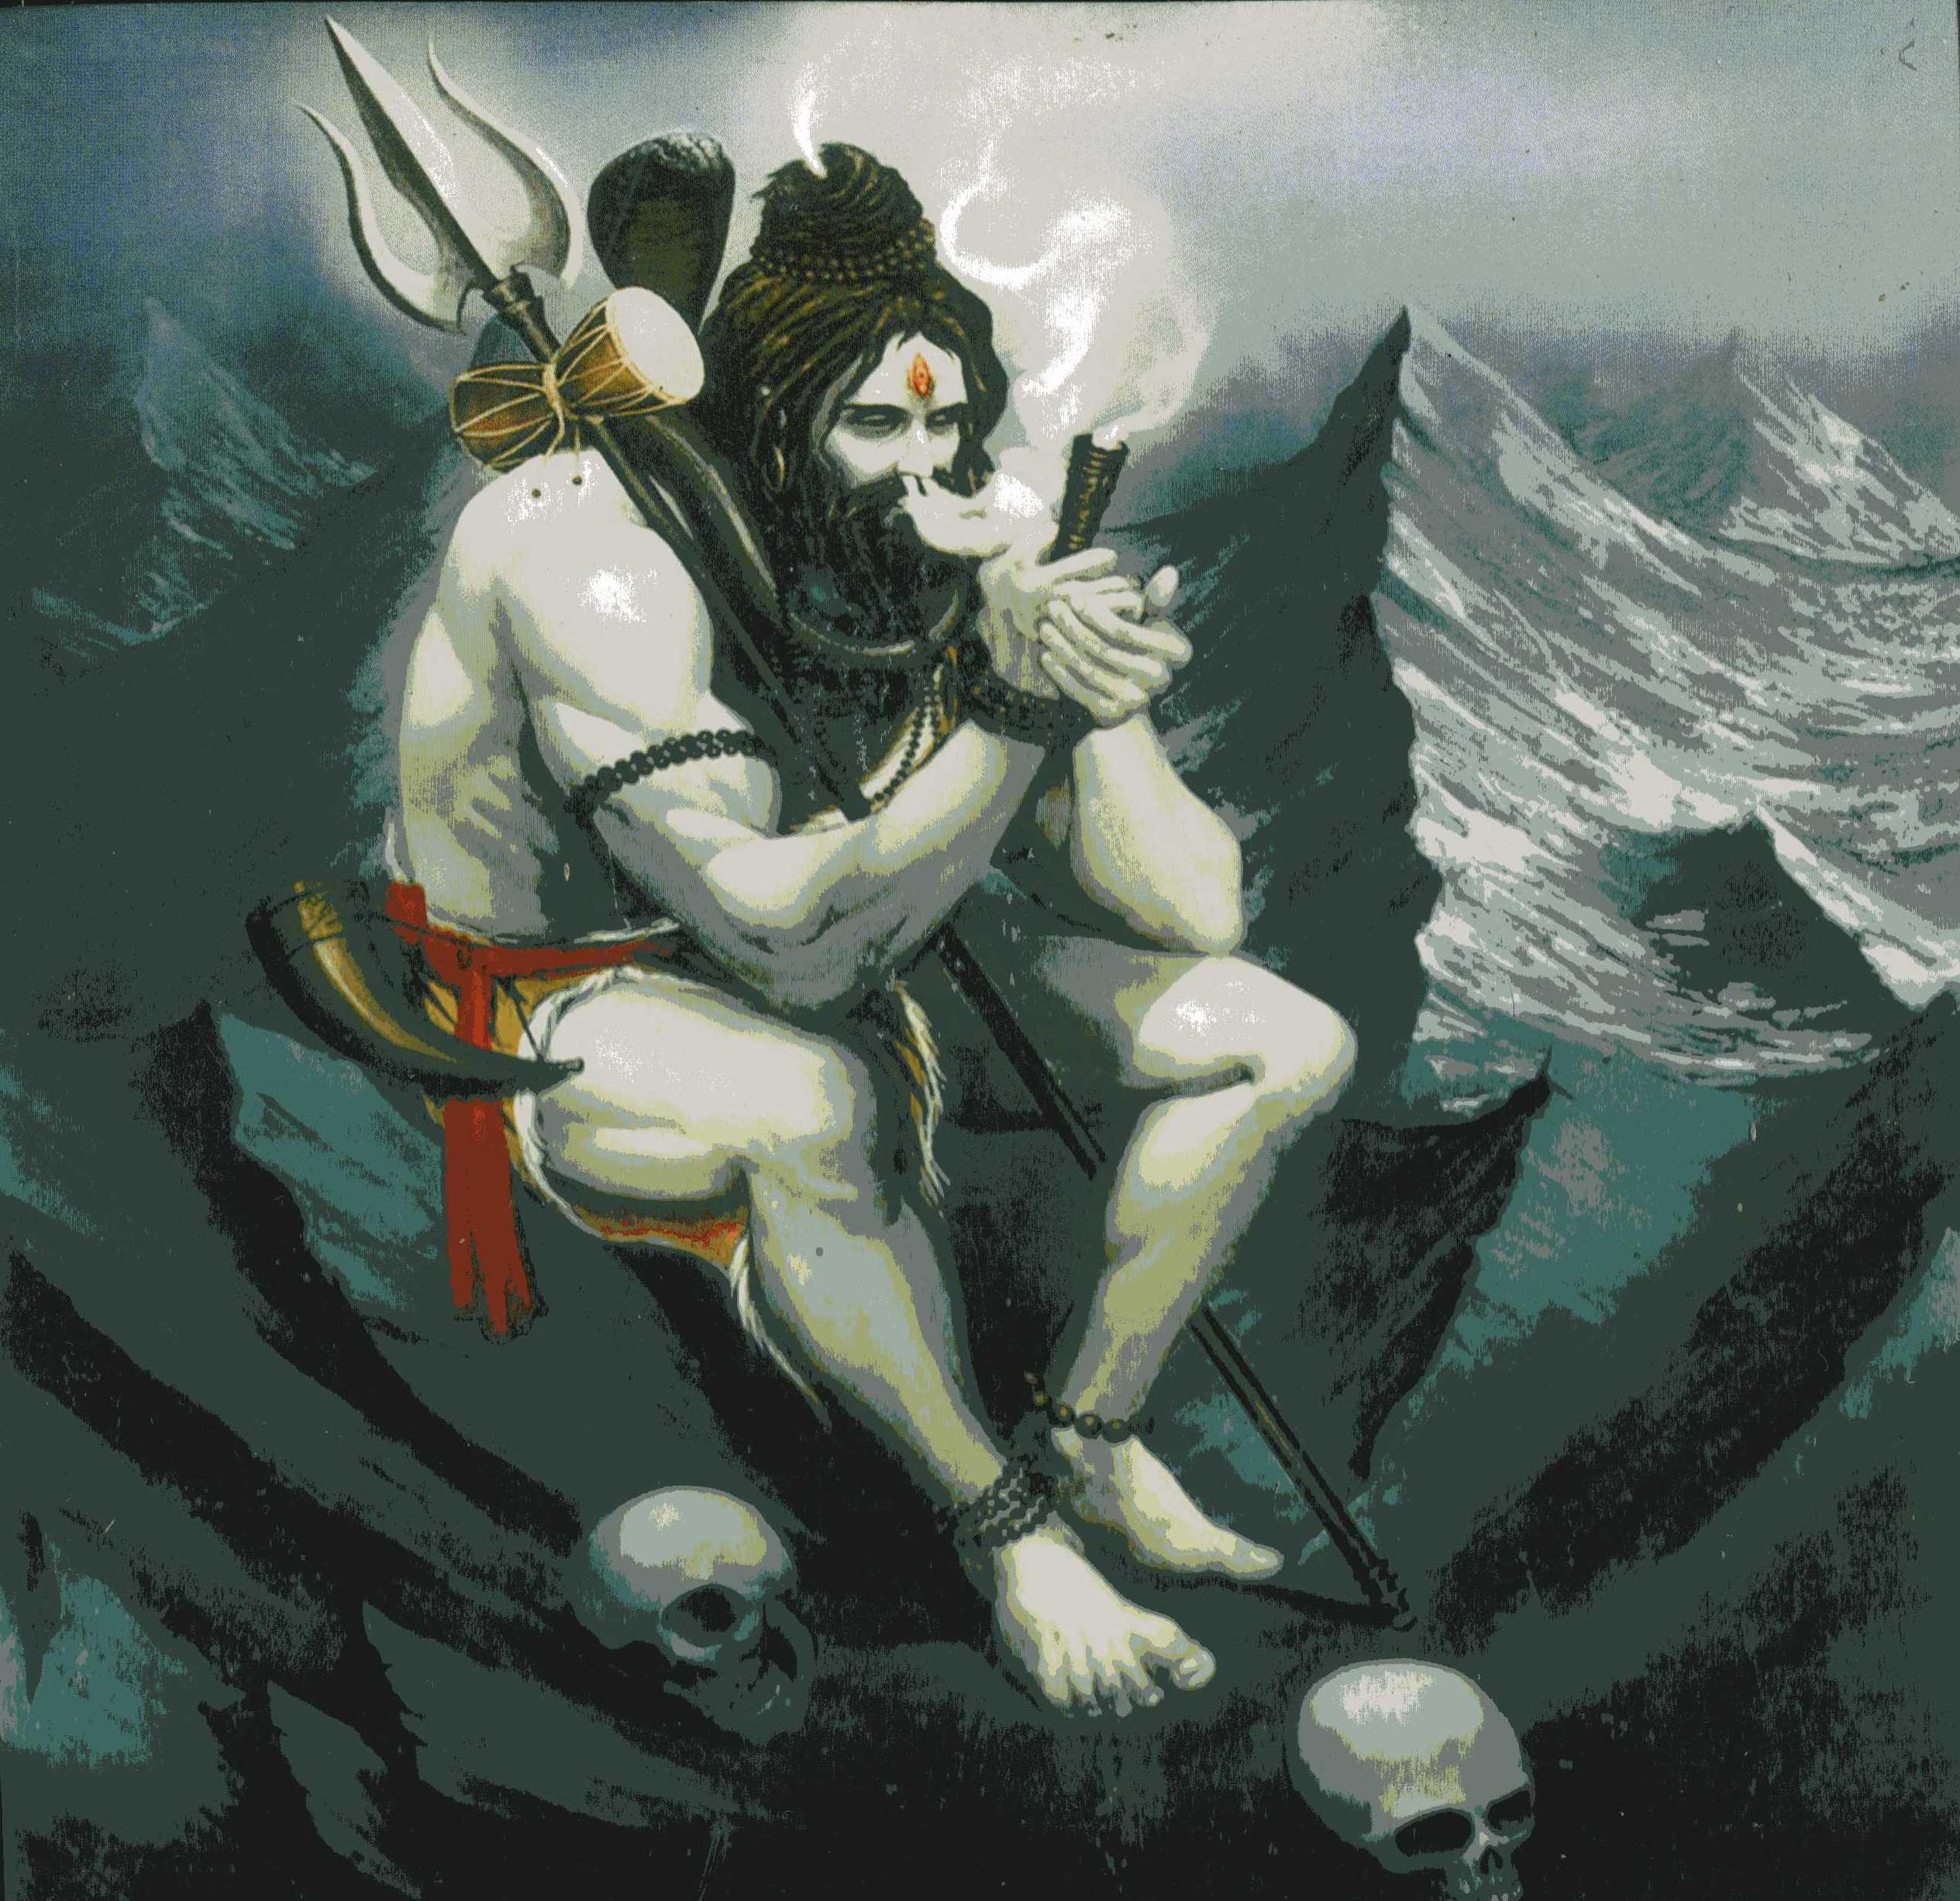 インドが好きな方、神話が好きな方、そしてヨガをされている方に特に知って頂きたいシヴァさん(Lord Shiva)。